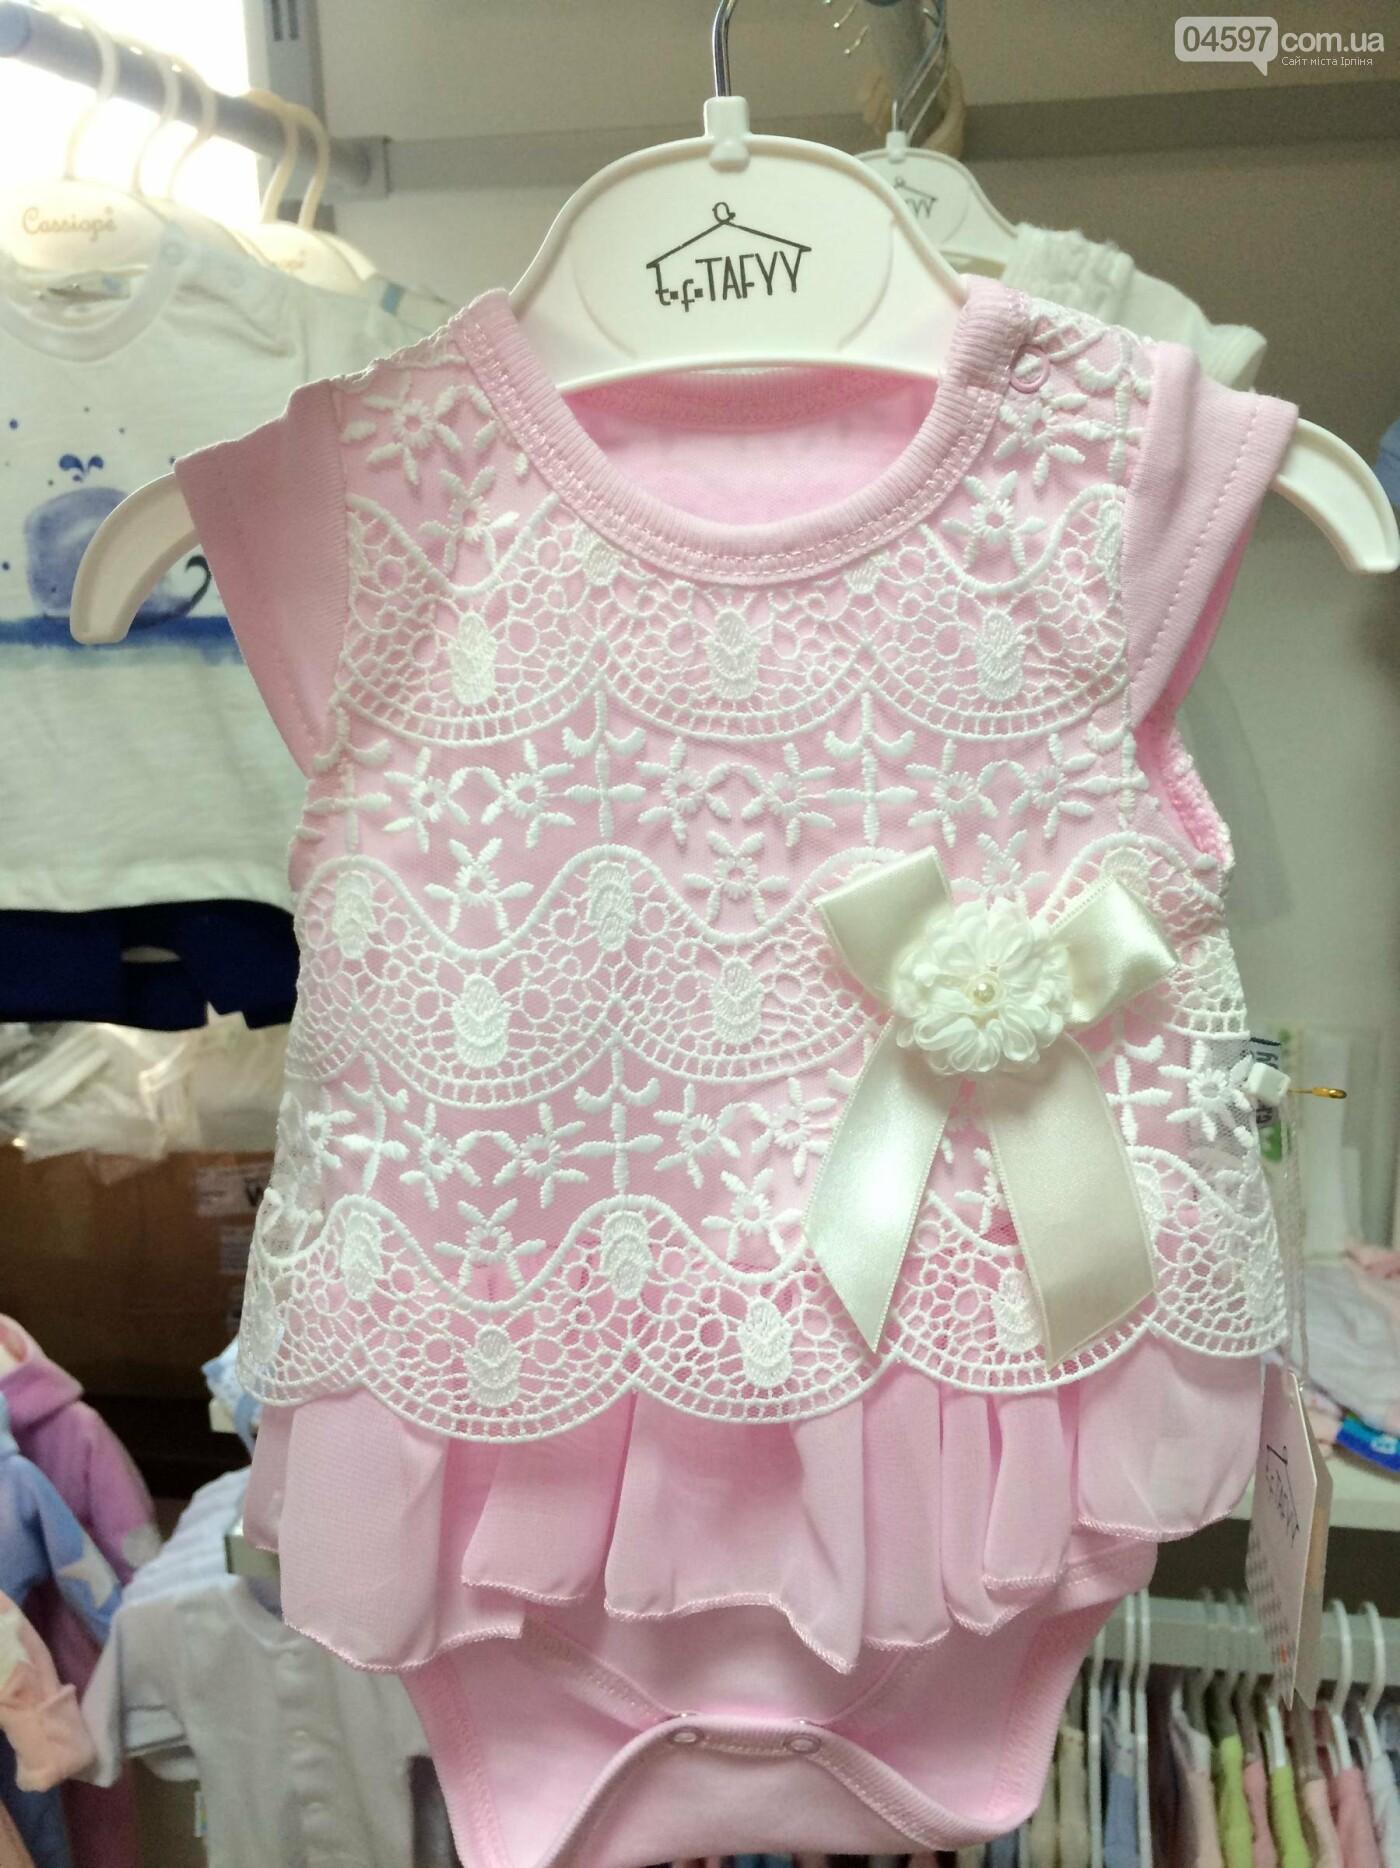 Де купити дитячий одяг в Ірпені: асортимент та ціни, фото-62